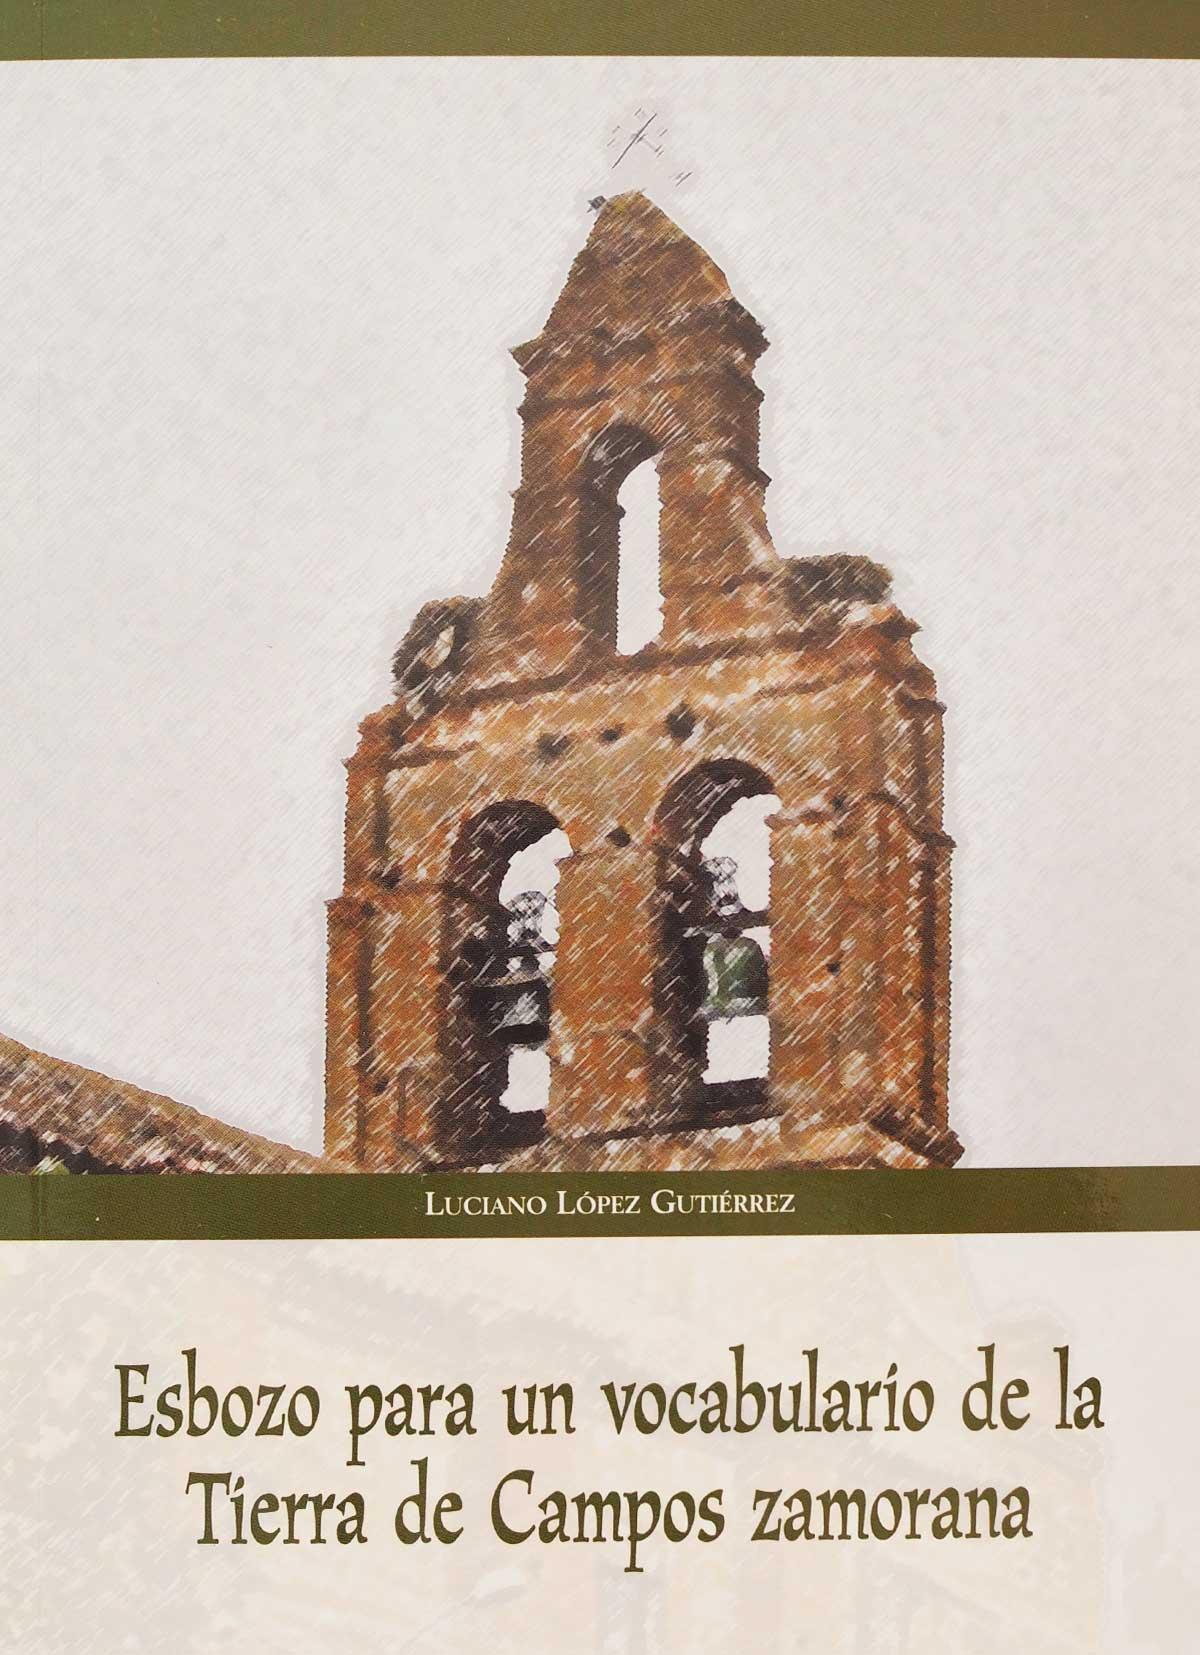 esbozo-vocabulario-tierra-campos-zamorana-luciano-lopez-gutierrez-editorial-semuret